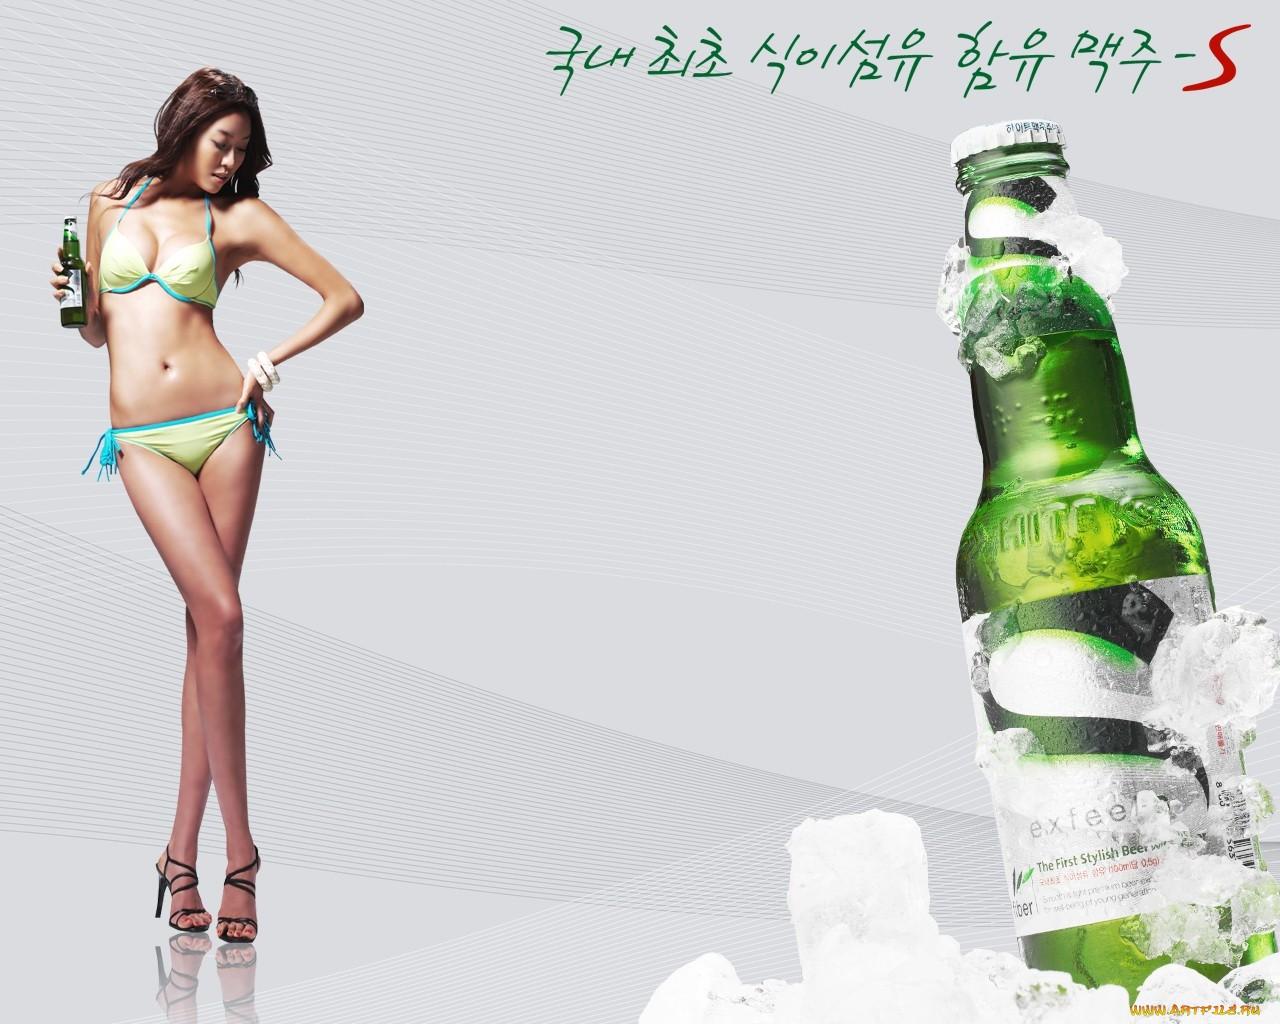 девушка и пиво, фото, обои для рабочего стола, секси